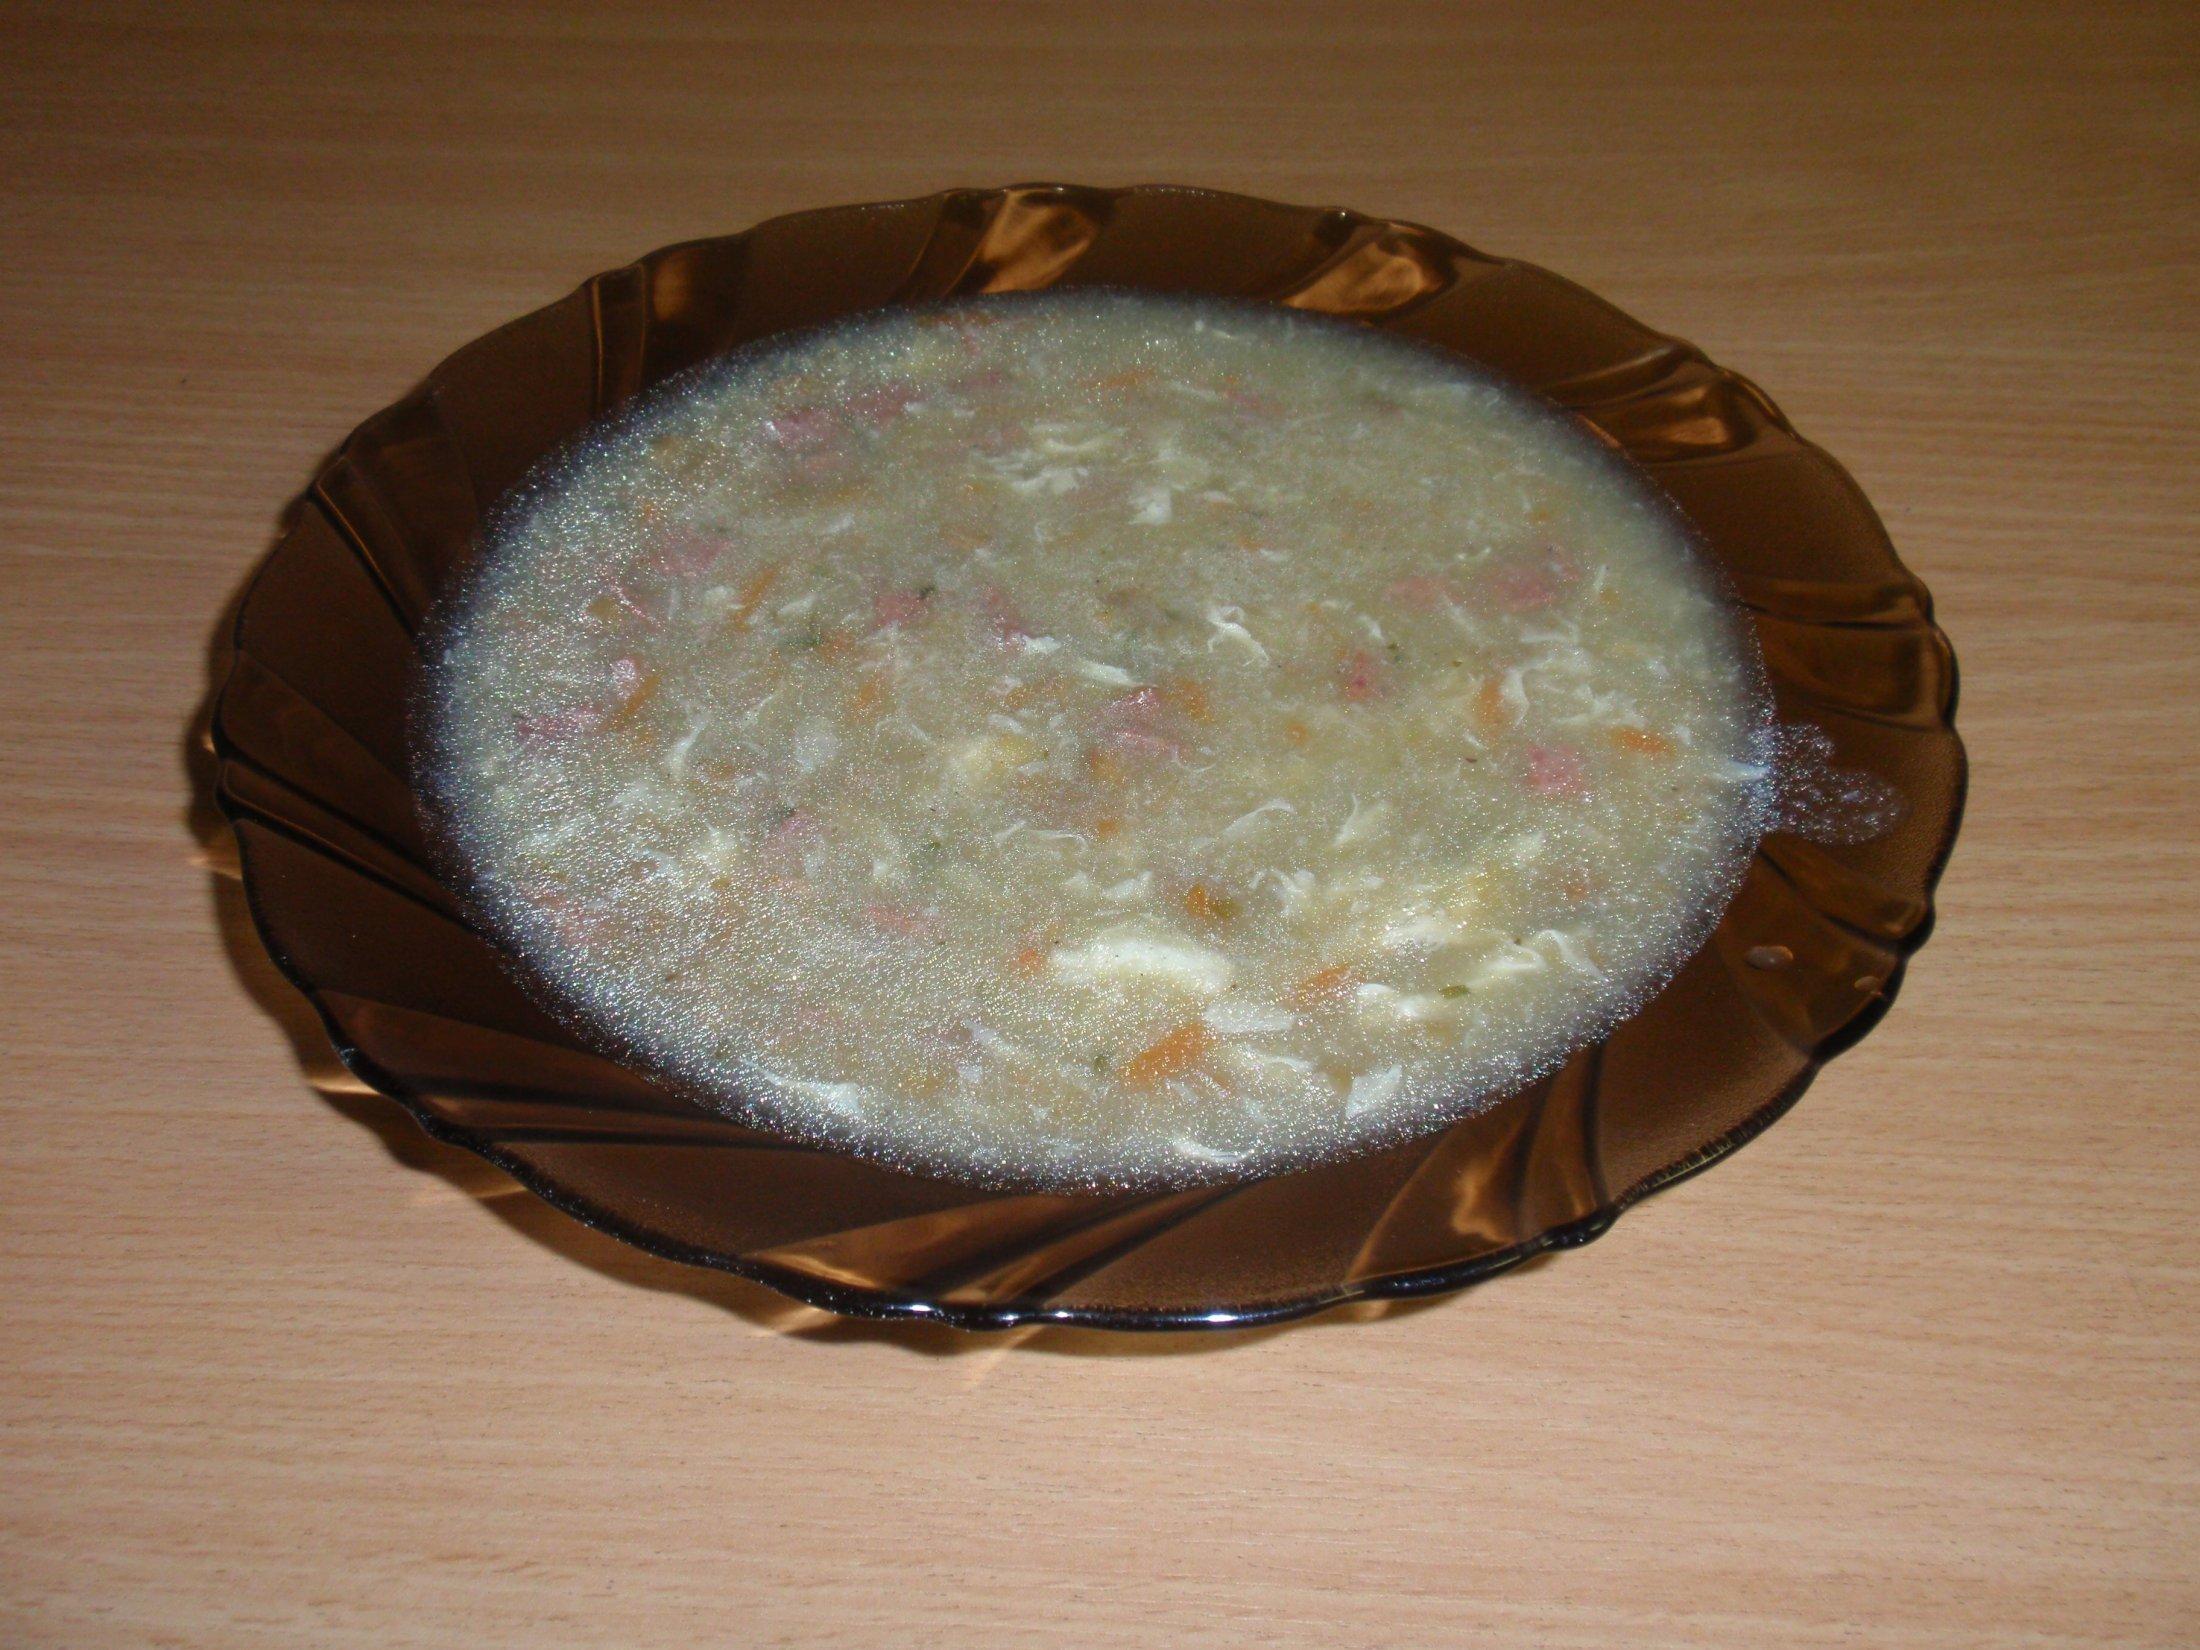 Recept Rychlá čočková polévka - Rychlá čočková polévka.